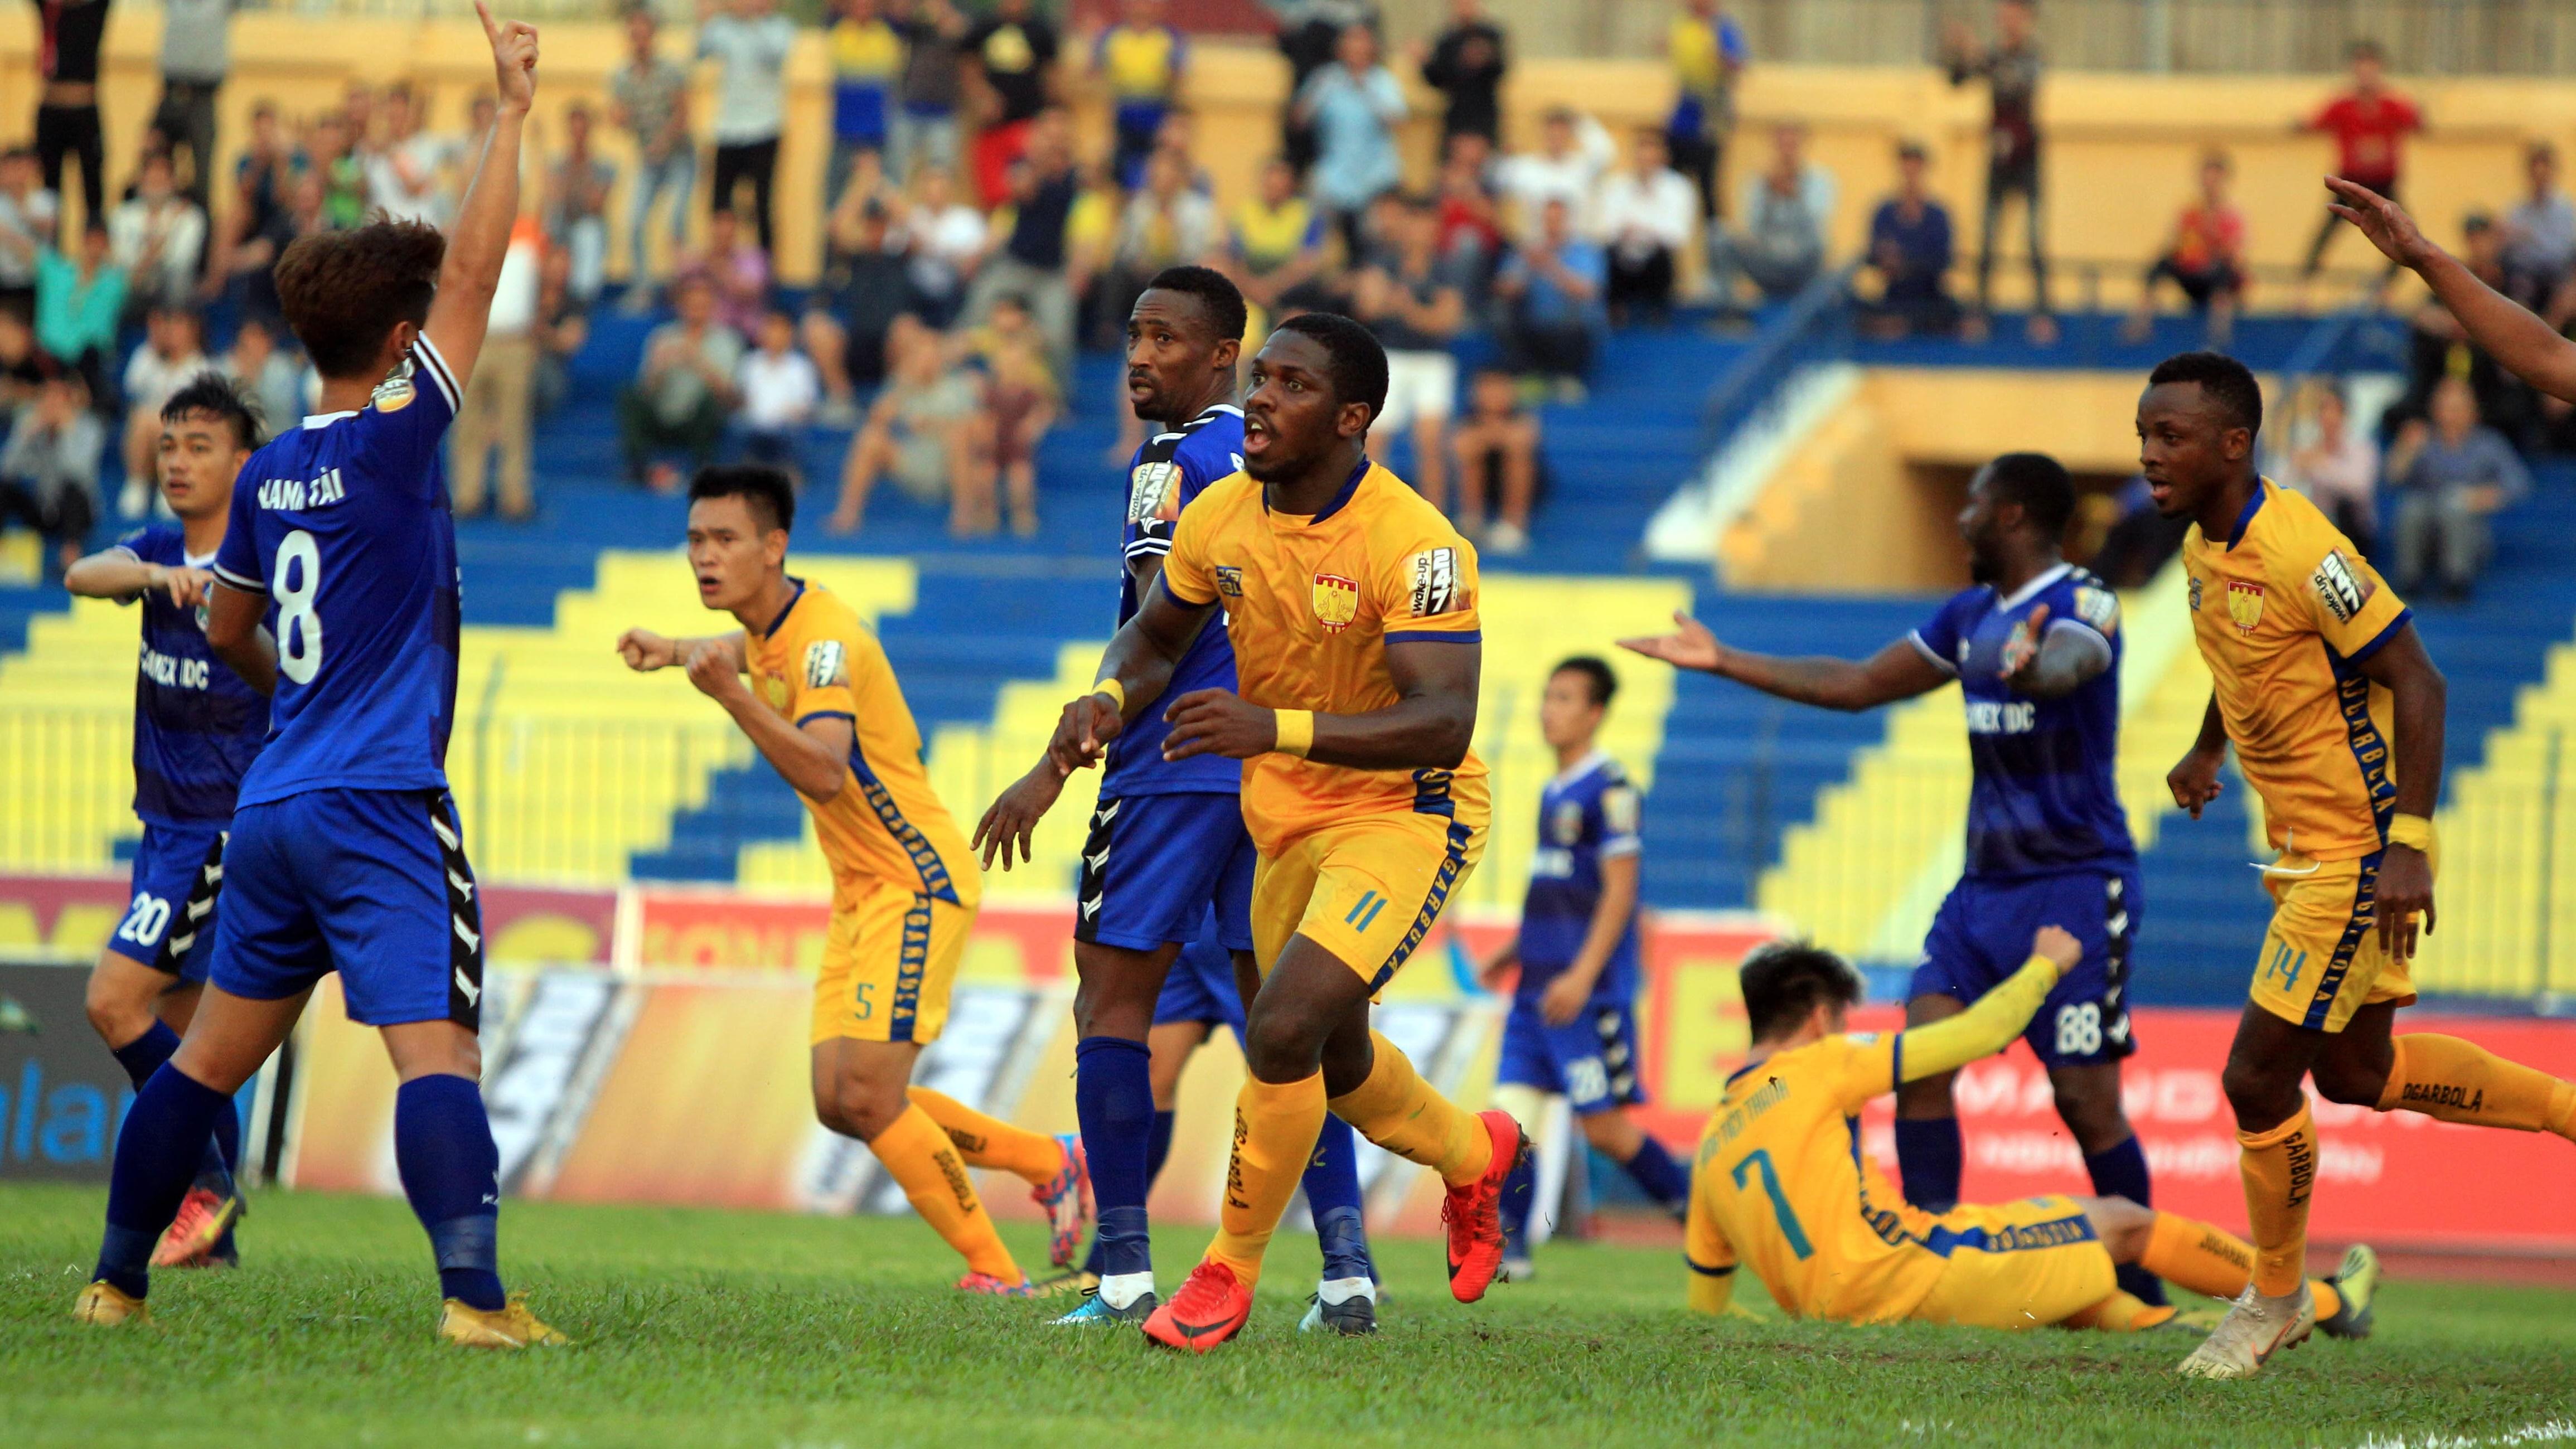 Gordon Rimario Thanh Hoa V.League 2019